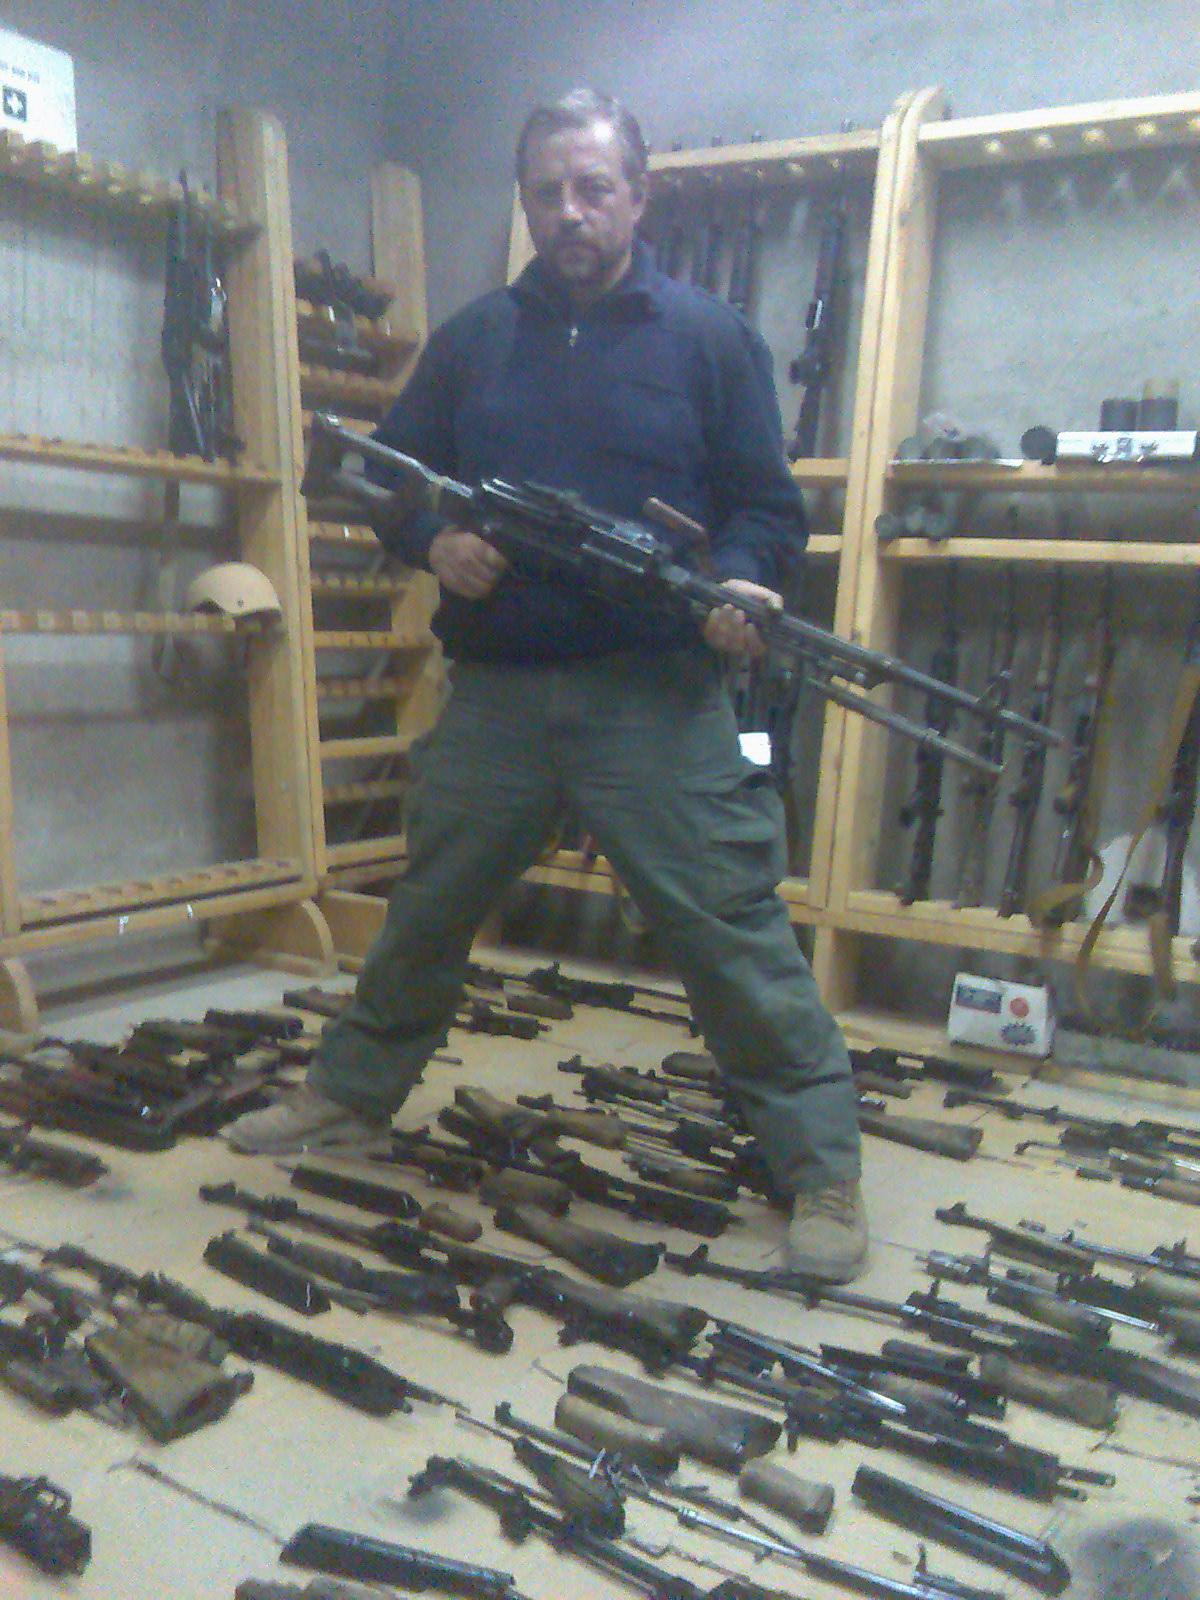 Oleg in Armory